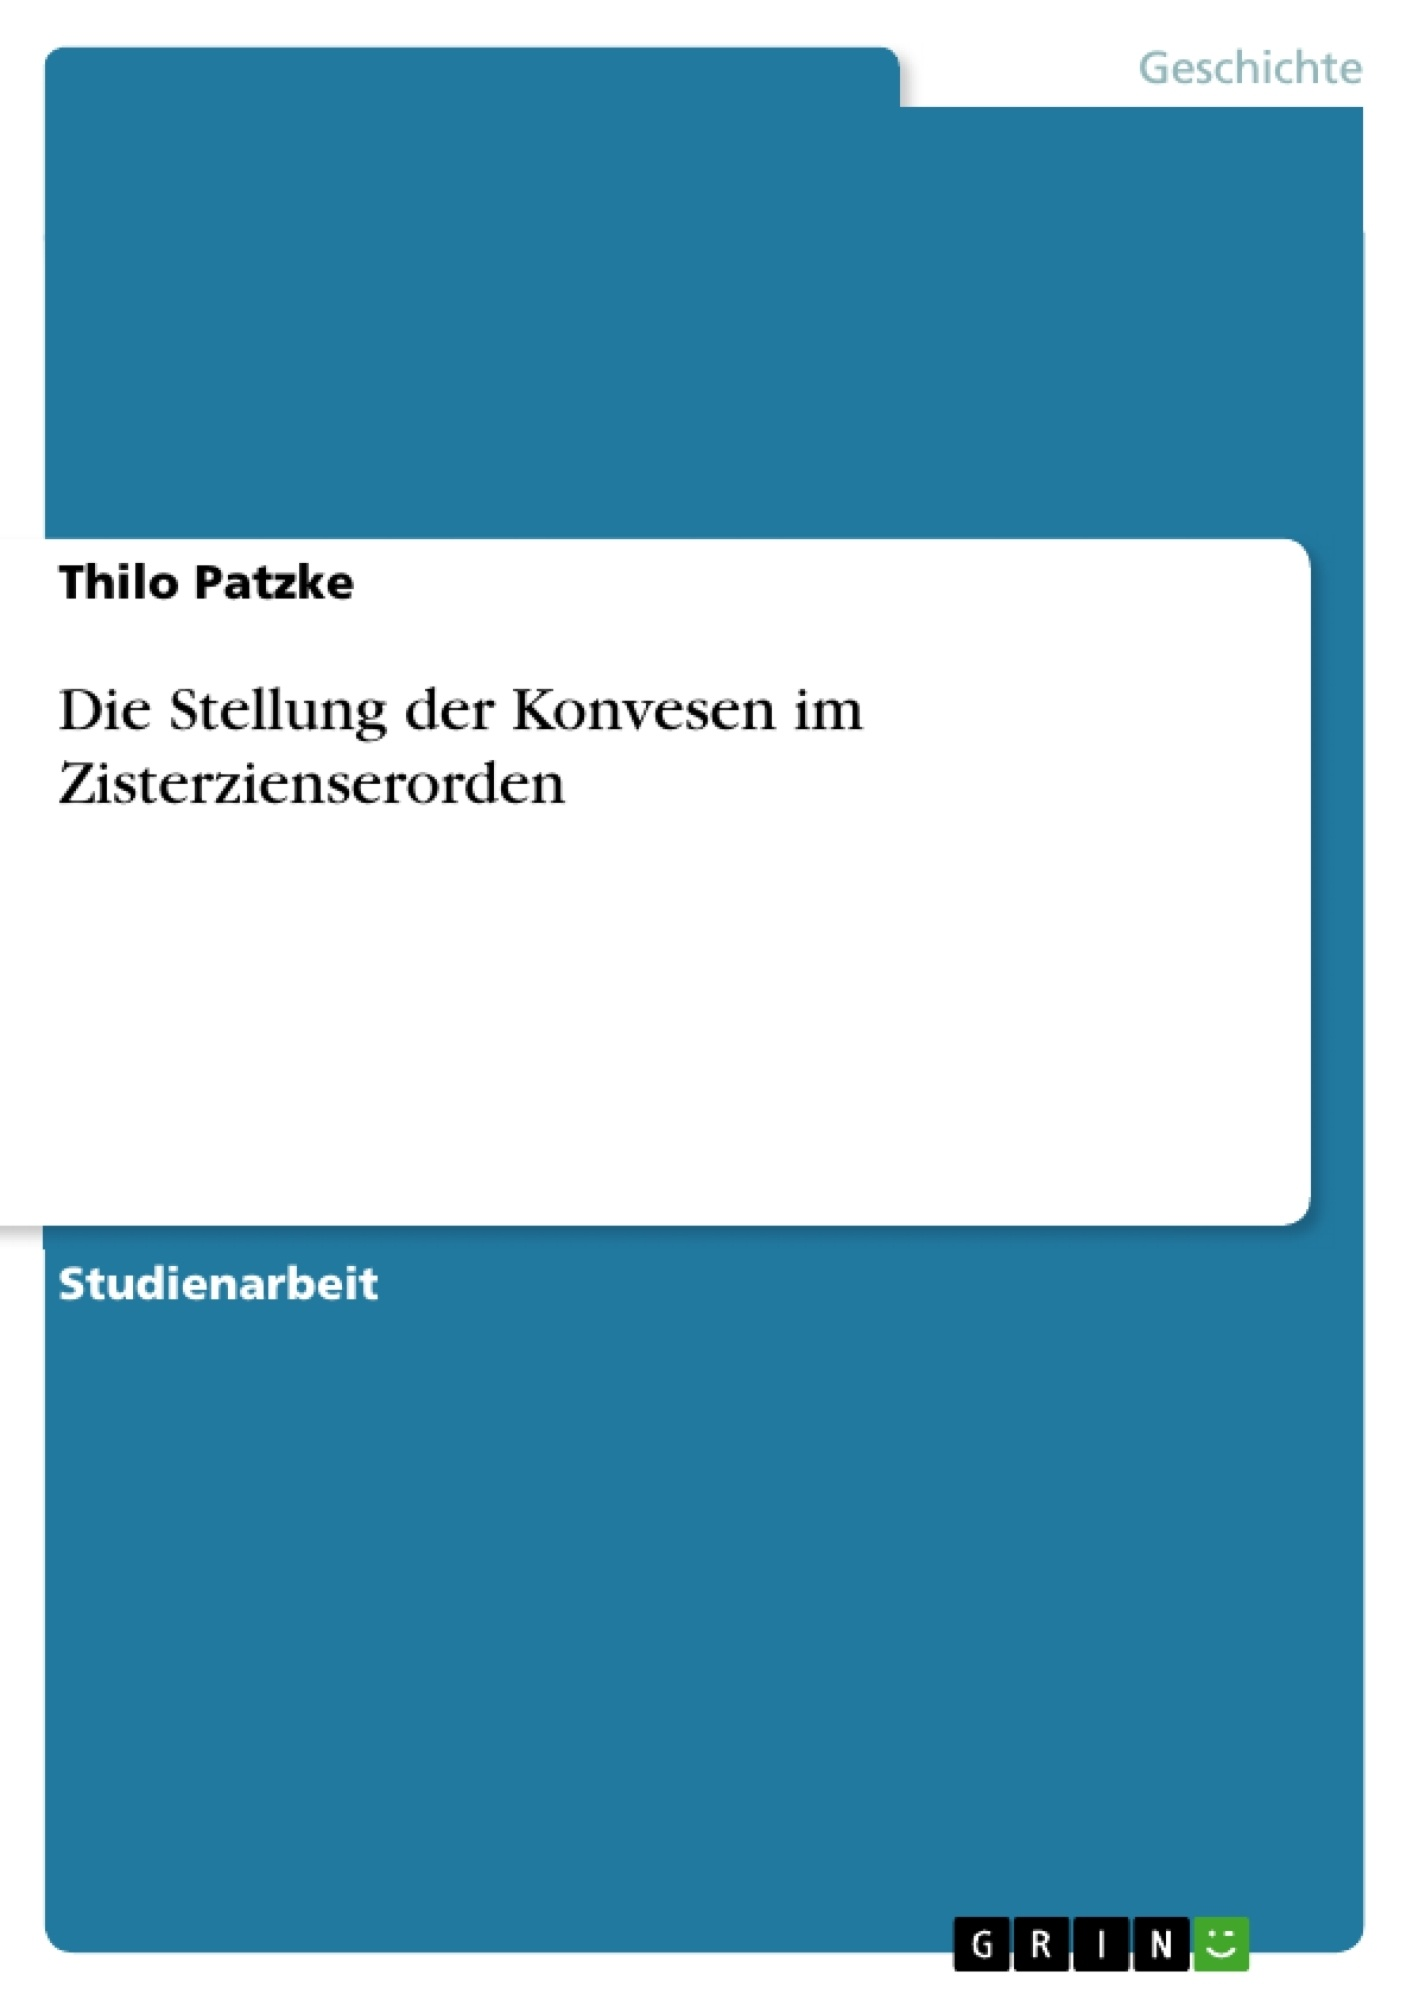 Titel: Die Stellung der Konvesen im Zisterzienserorden